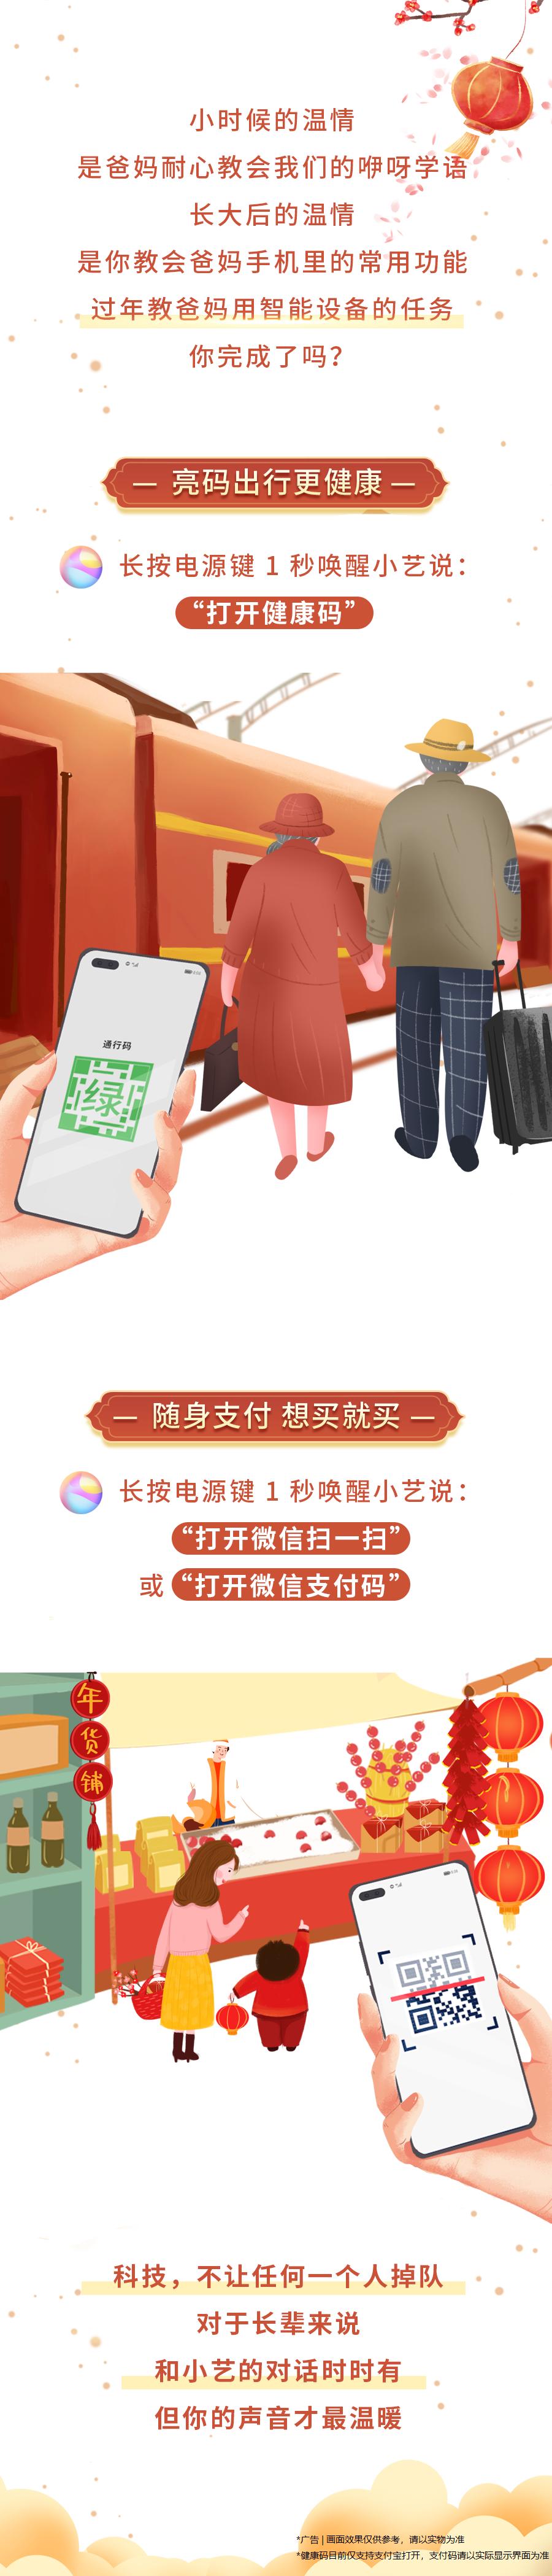 春节适老化内容运营第一期海报.png